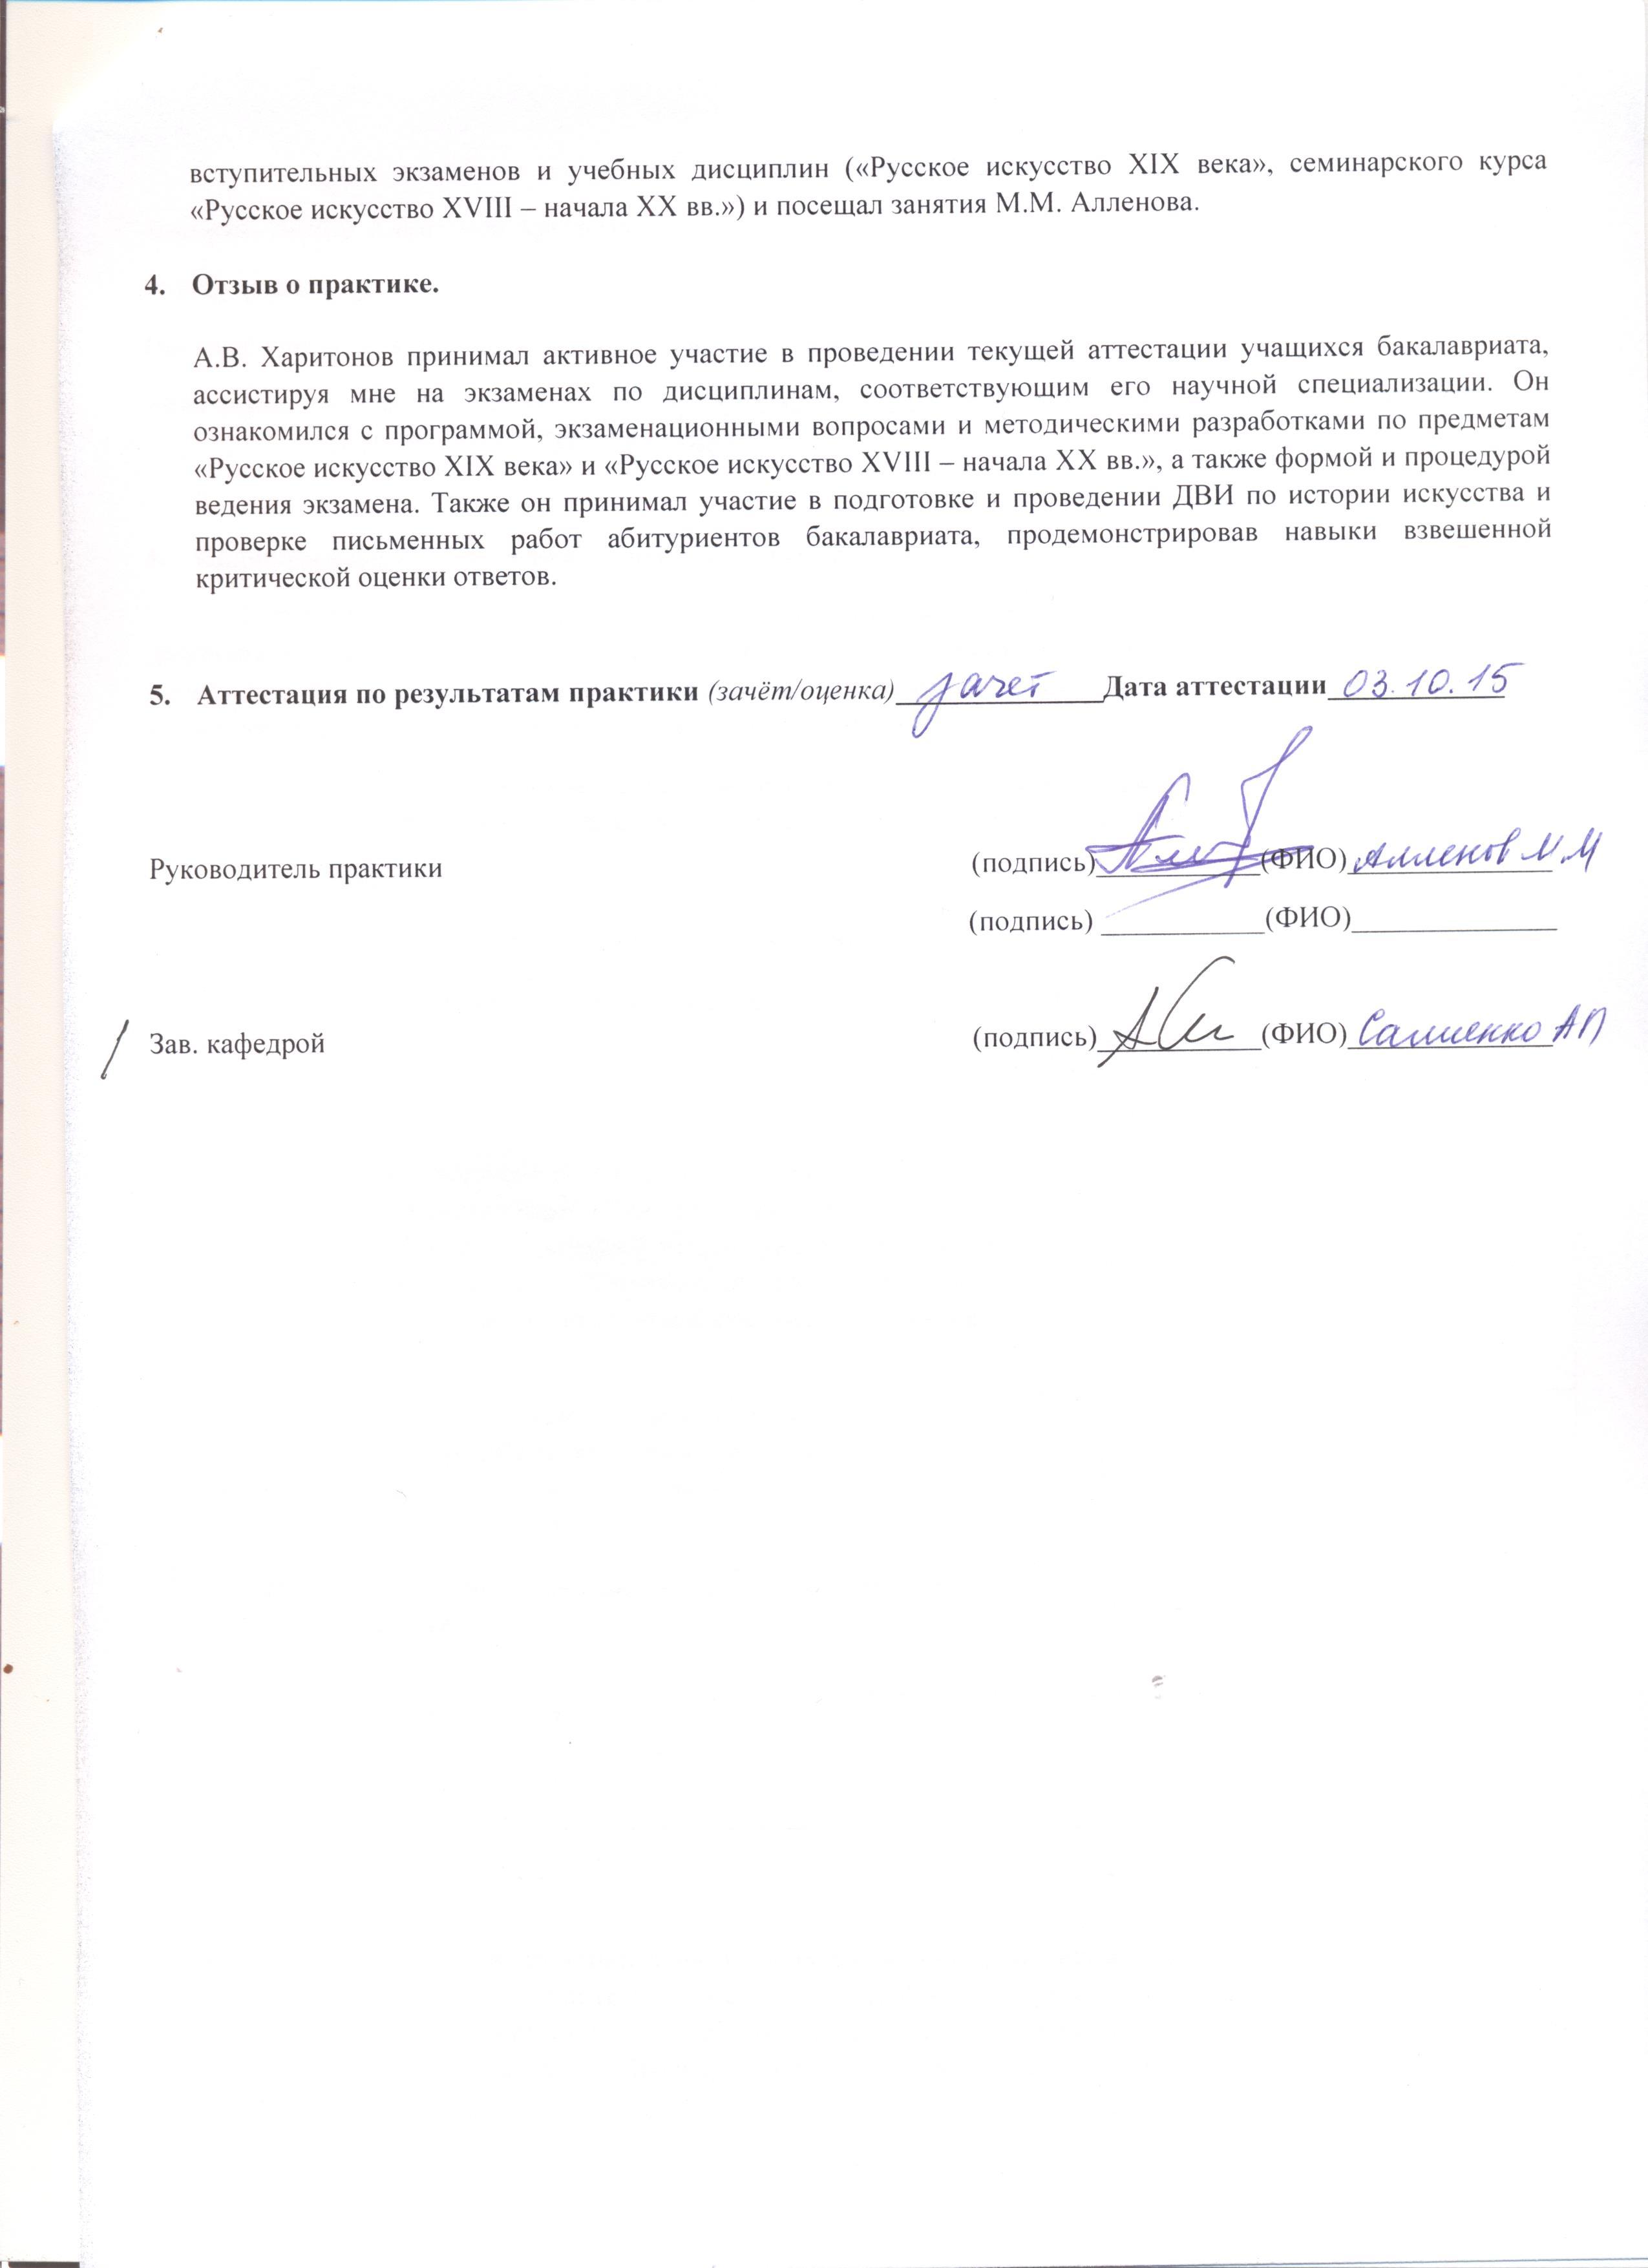 Харитонов Артур Владимирович пользователь сотрудник ИСТИНА  Отчет по педагогической практике